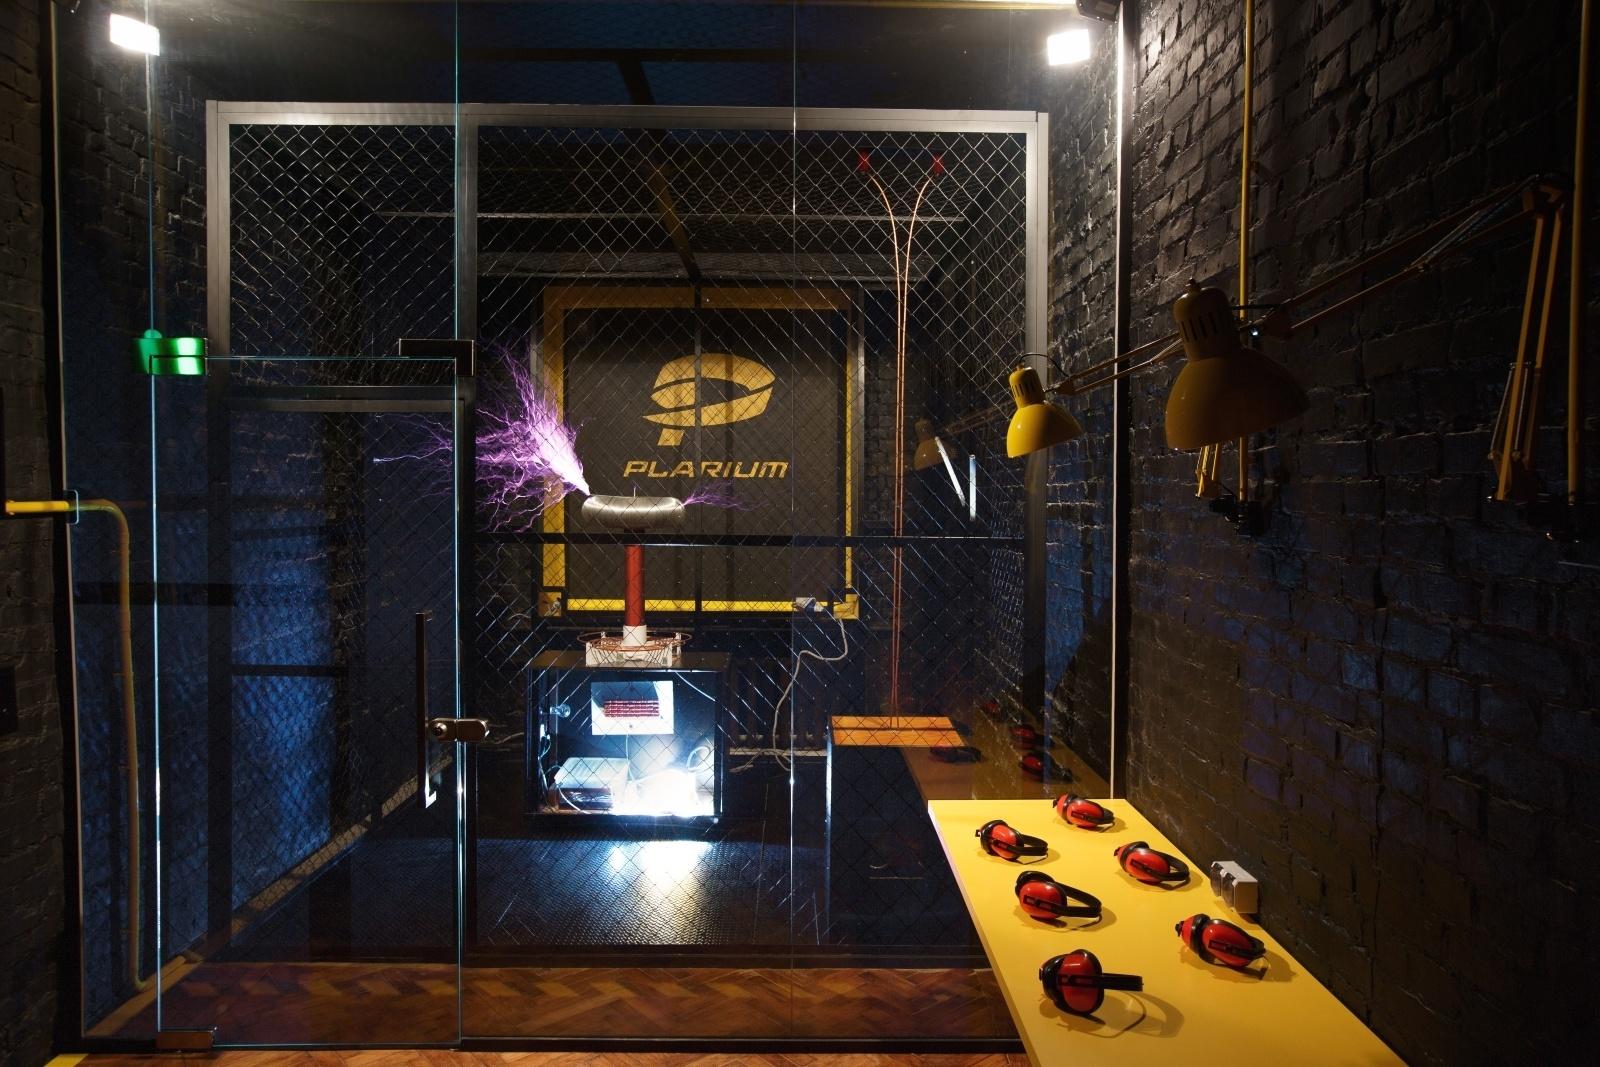 Как Тесла встретился с Ландау, или Гайд по строительству комнаты высоких энергий - 1